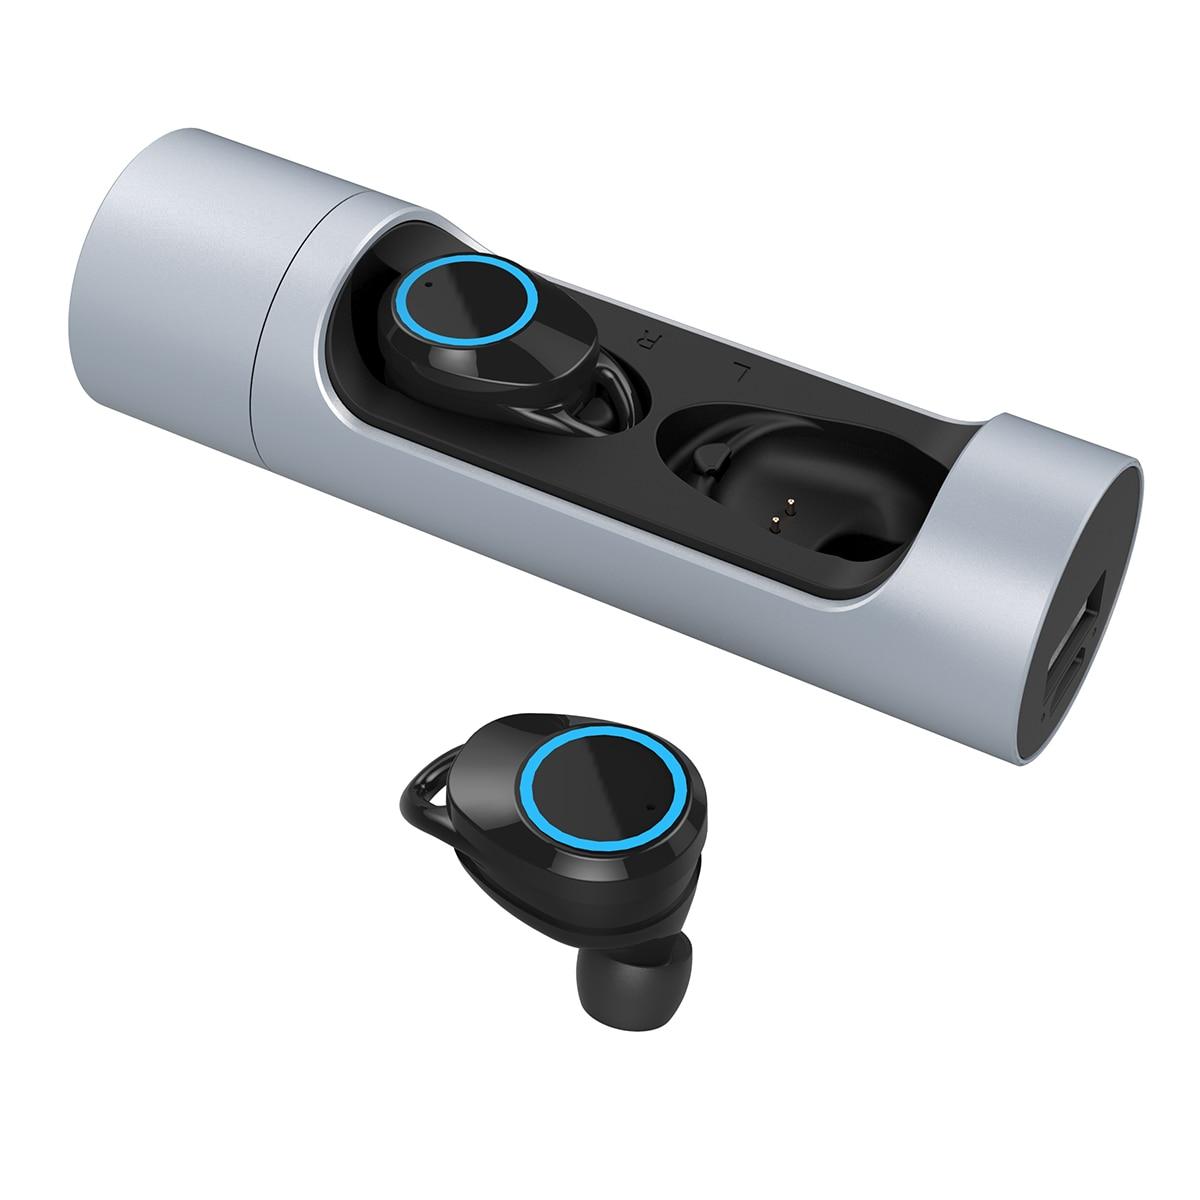 JRGK écouteurs portables sans fil Bluetooth 5.0 casque oreillettes haut son écouteurs binauraux avec prise de charge magnétique